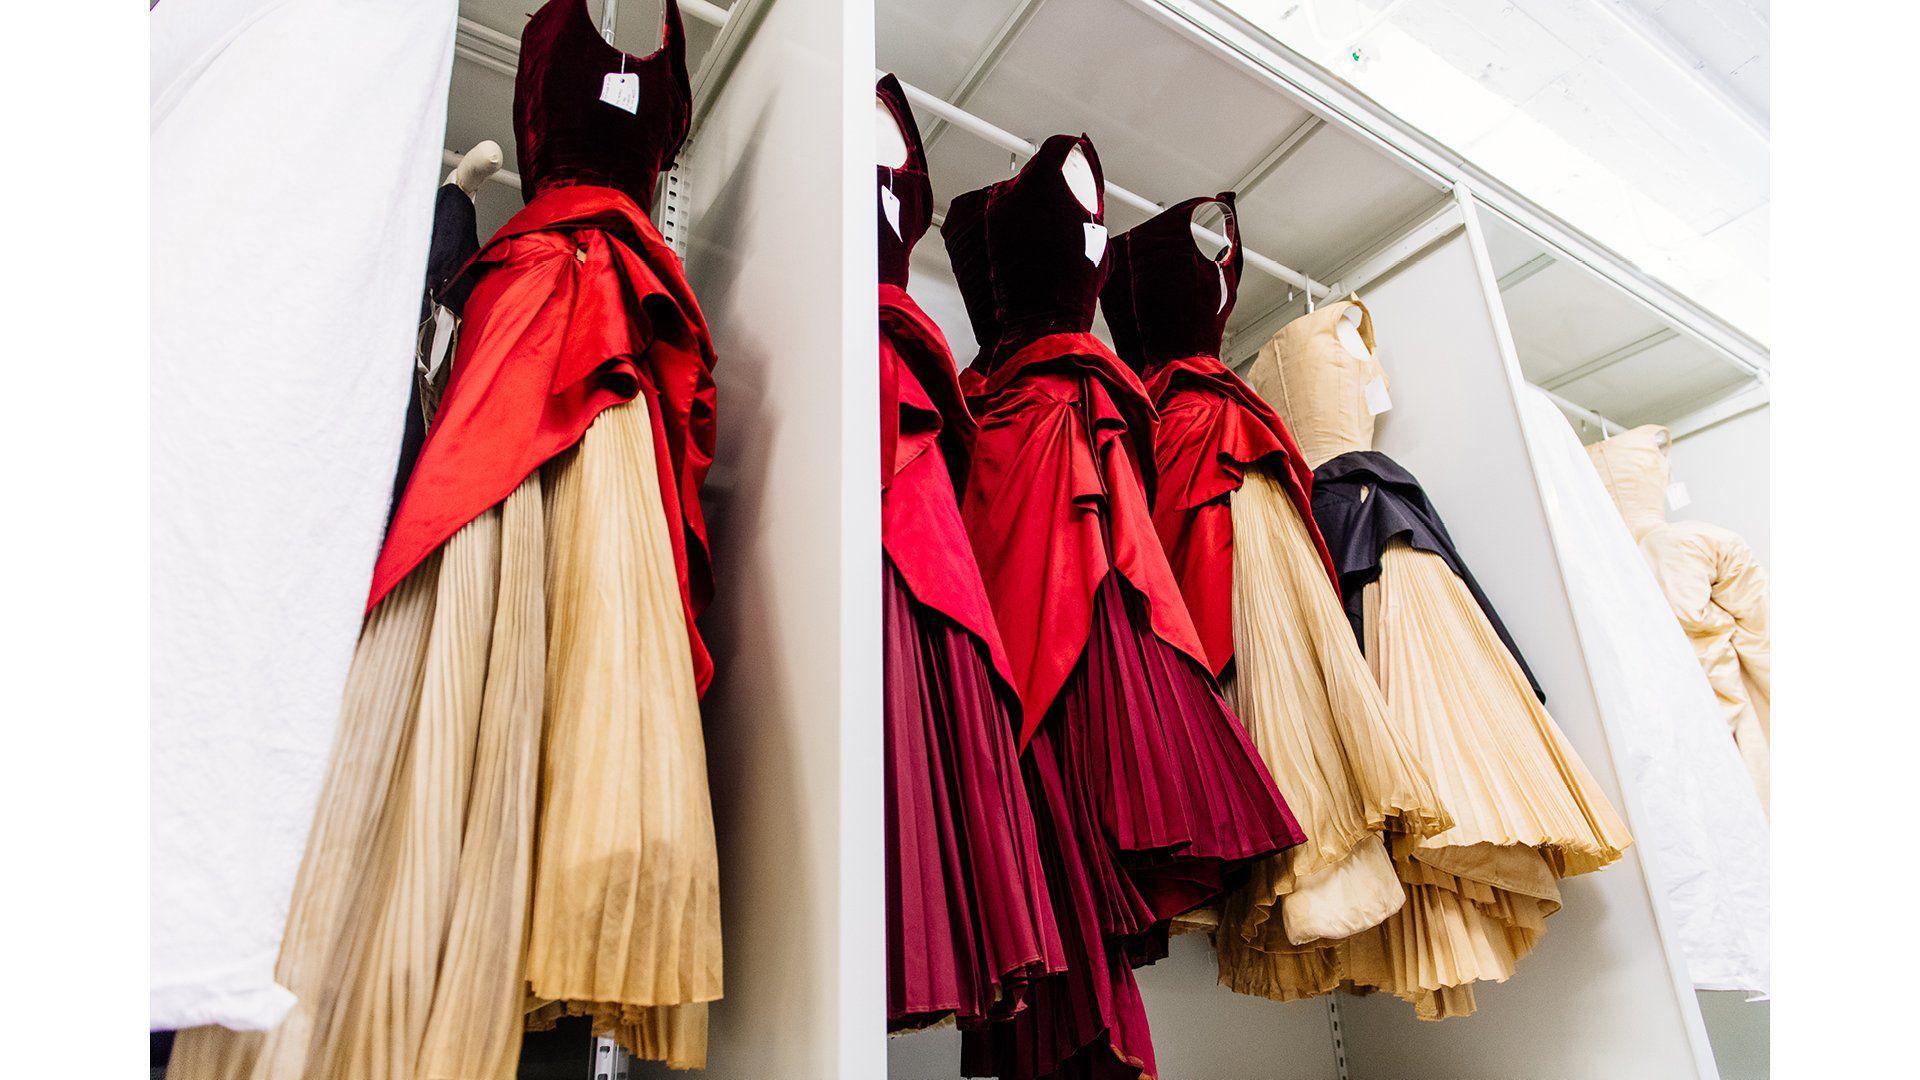 Kakav raj! Ispod Metropolitana smještena je arhiva s čak 33 tisuće povijesnih haljina i cipela